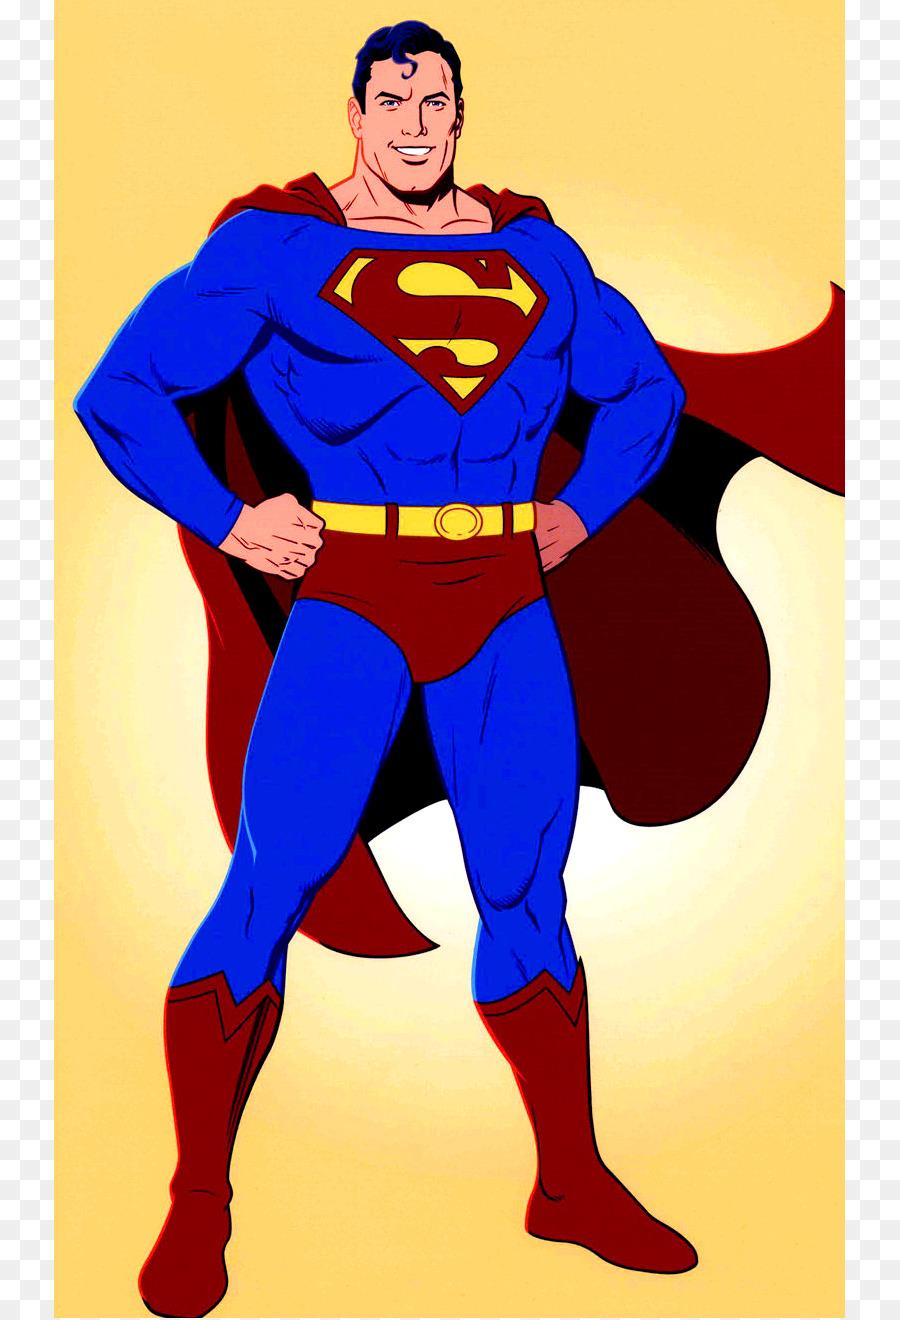 injustice gods among us superman comic book cartoon